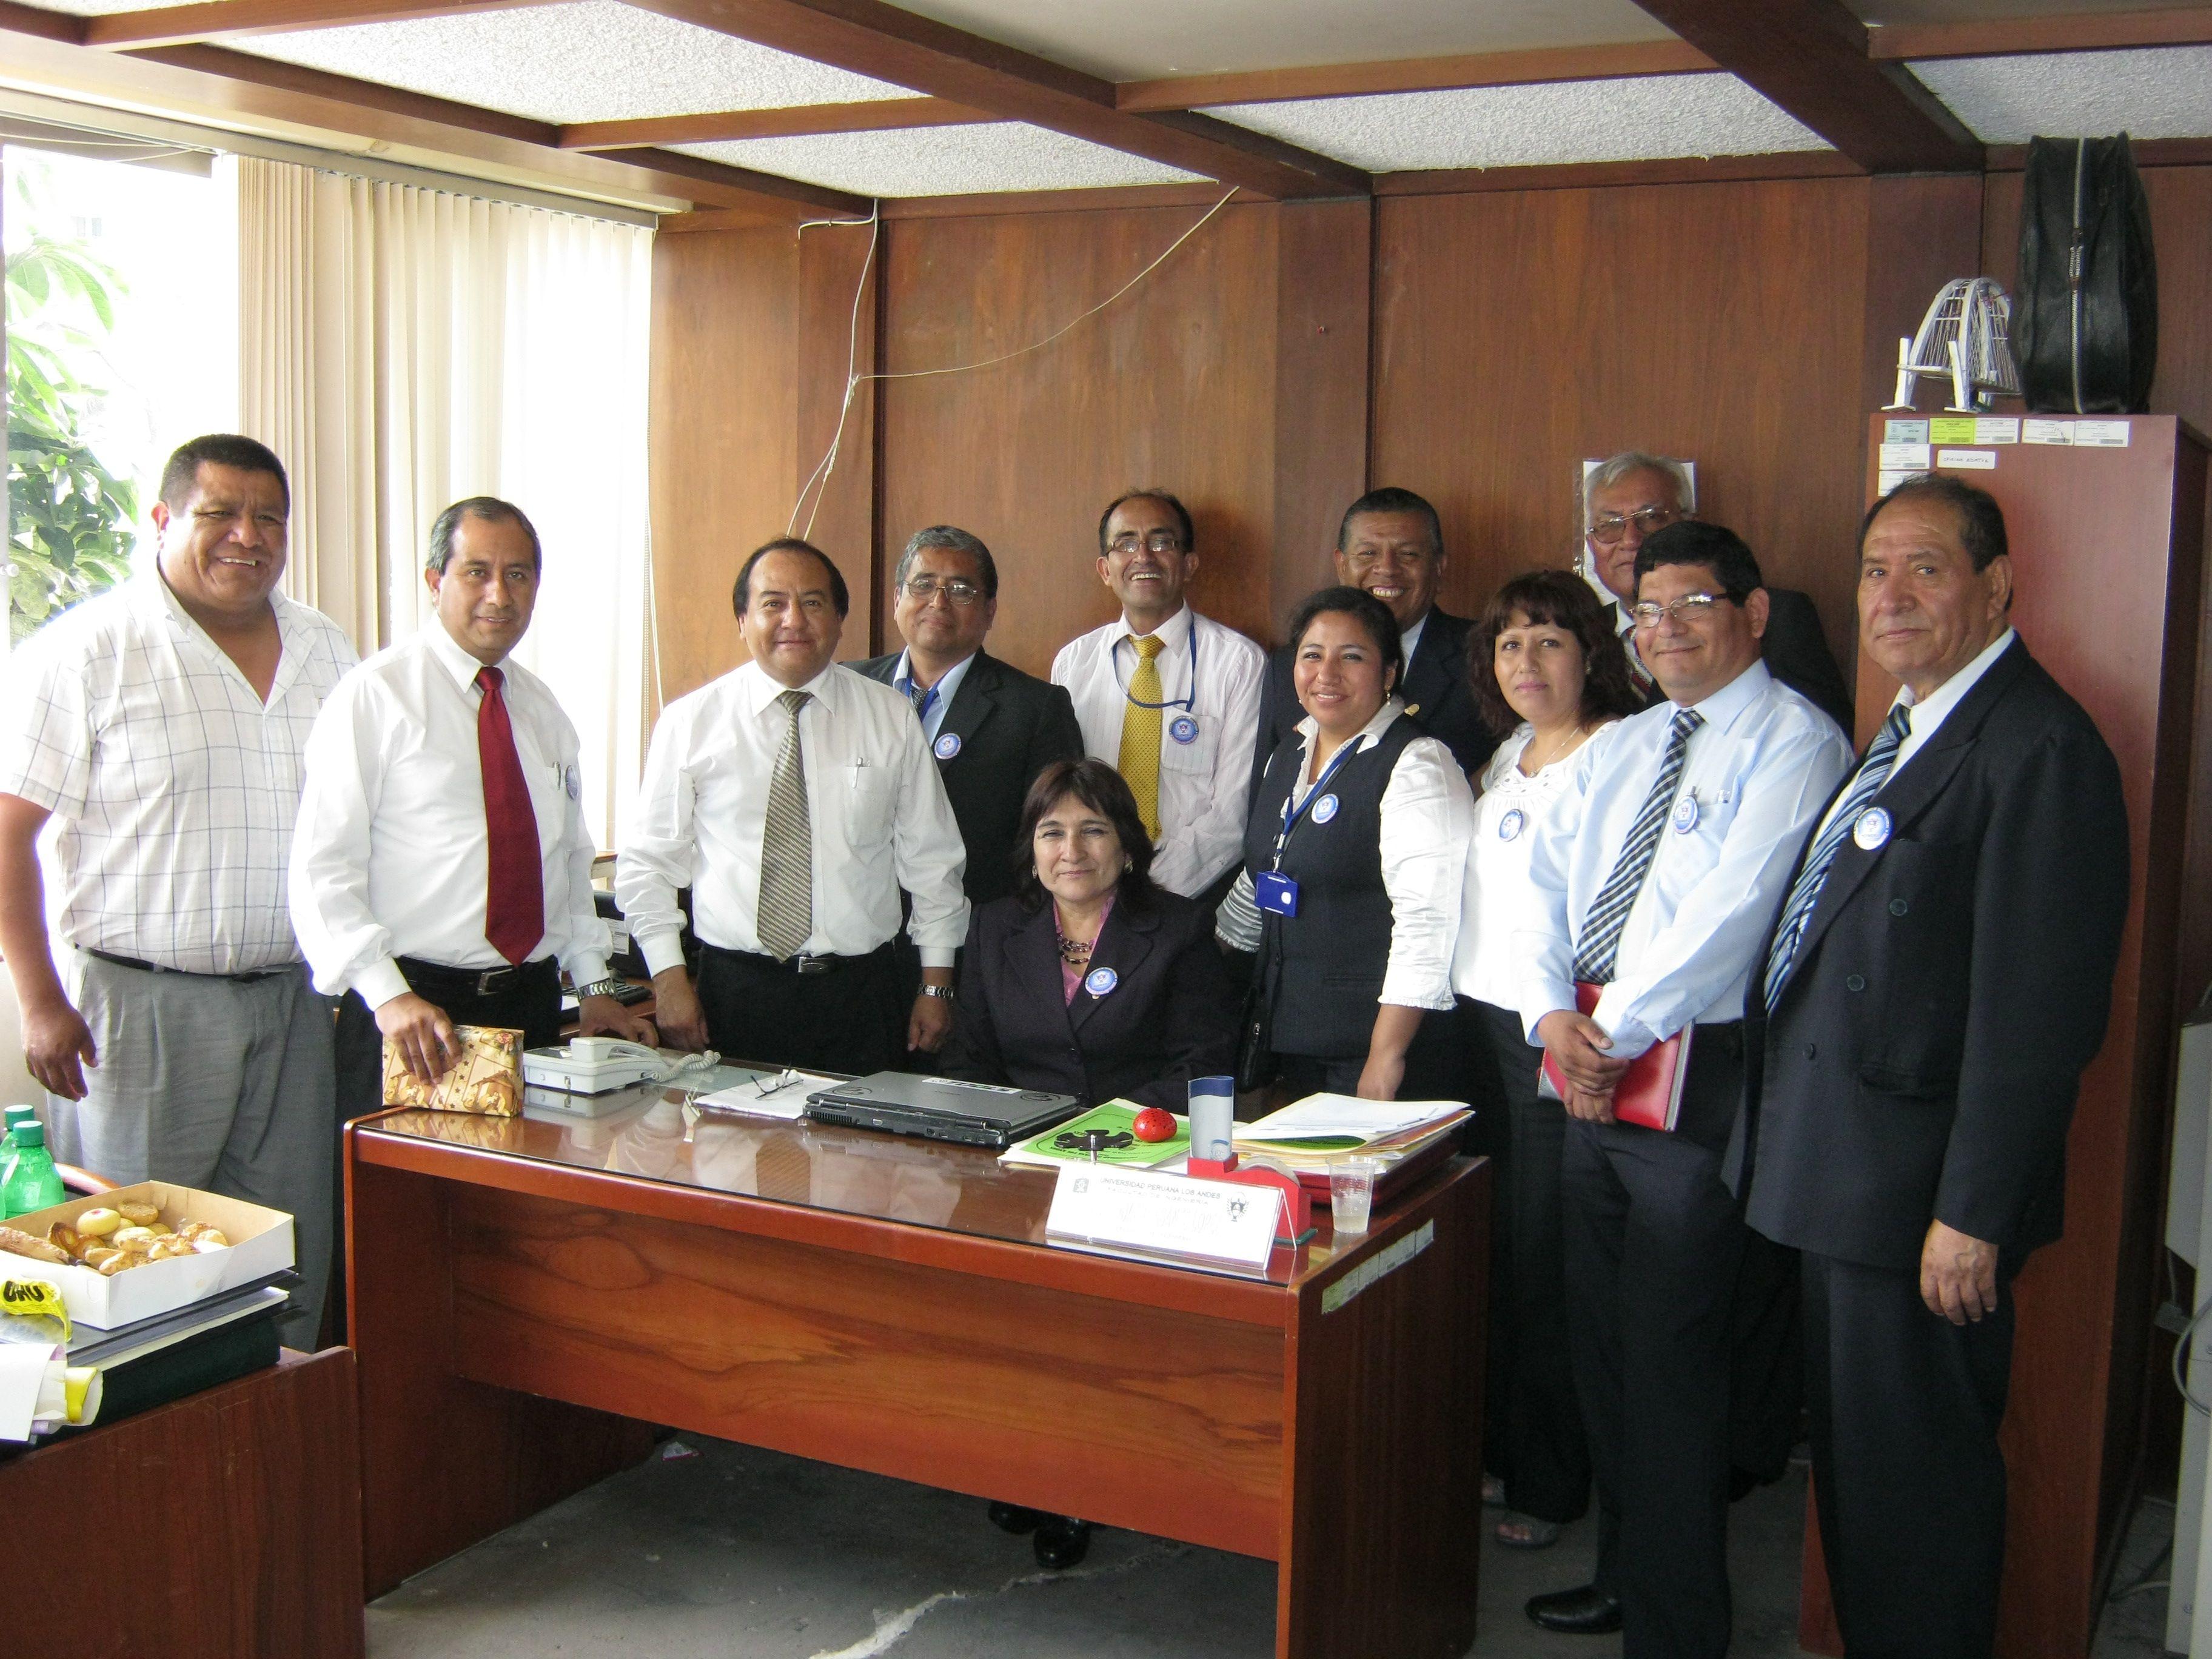 Ingenieros de la Universidad Peruana Los Andes - Filia Lima  Jr. Jazmines 555 - Linces